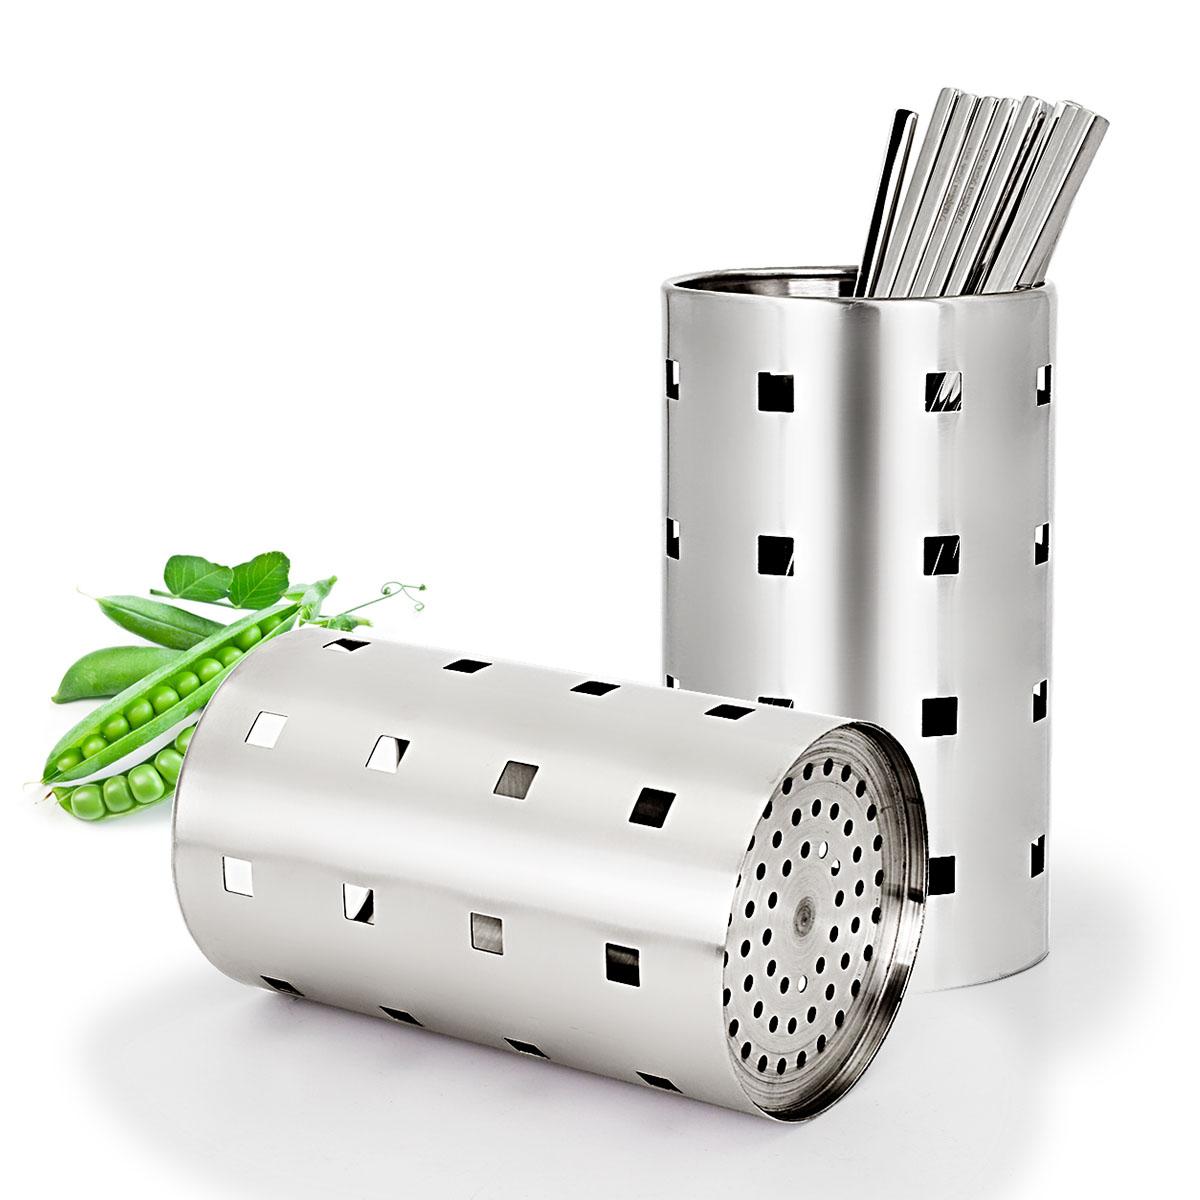 【 рысь супермаркеты 】 создать получить нержавеющей стали количество палочки для еды клетка палочки трубки творческий посуда в коробку дренажный